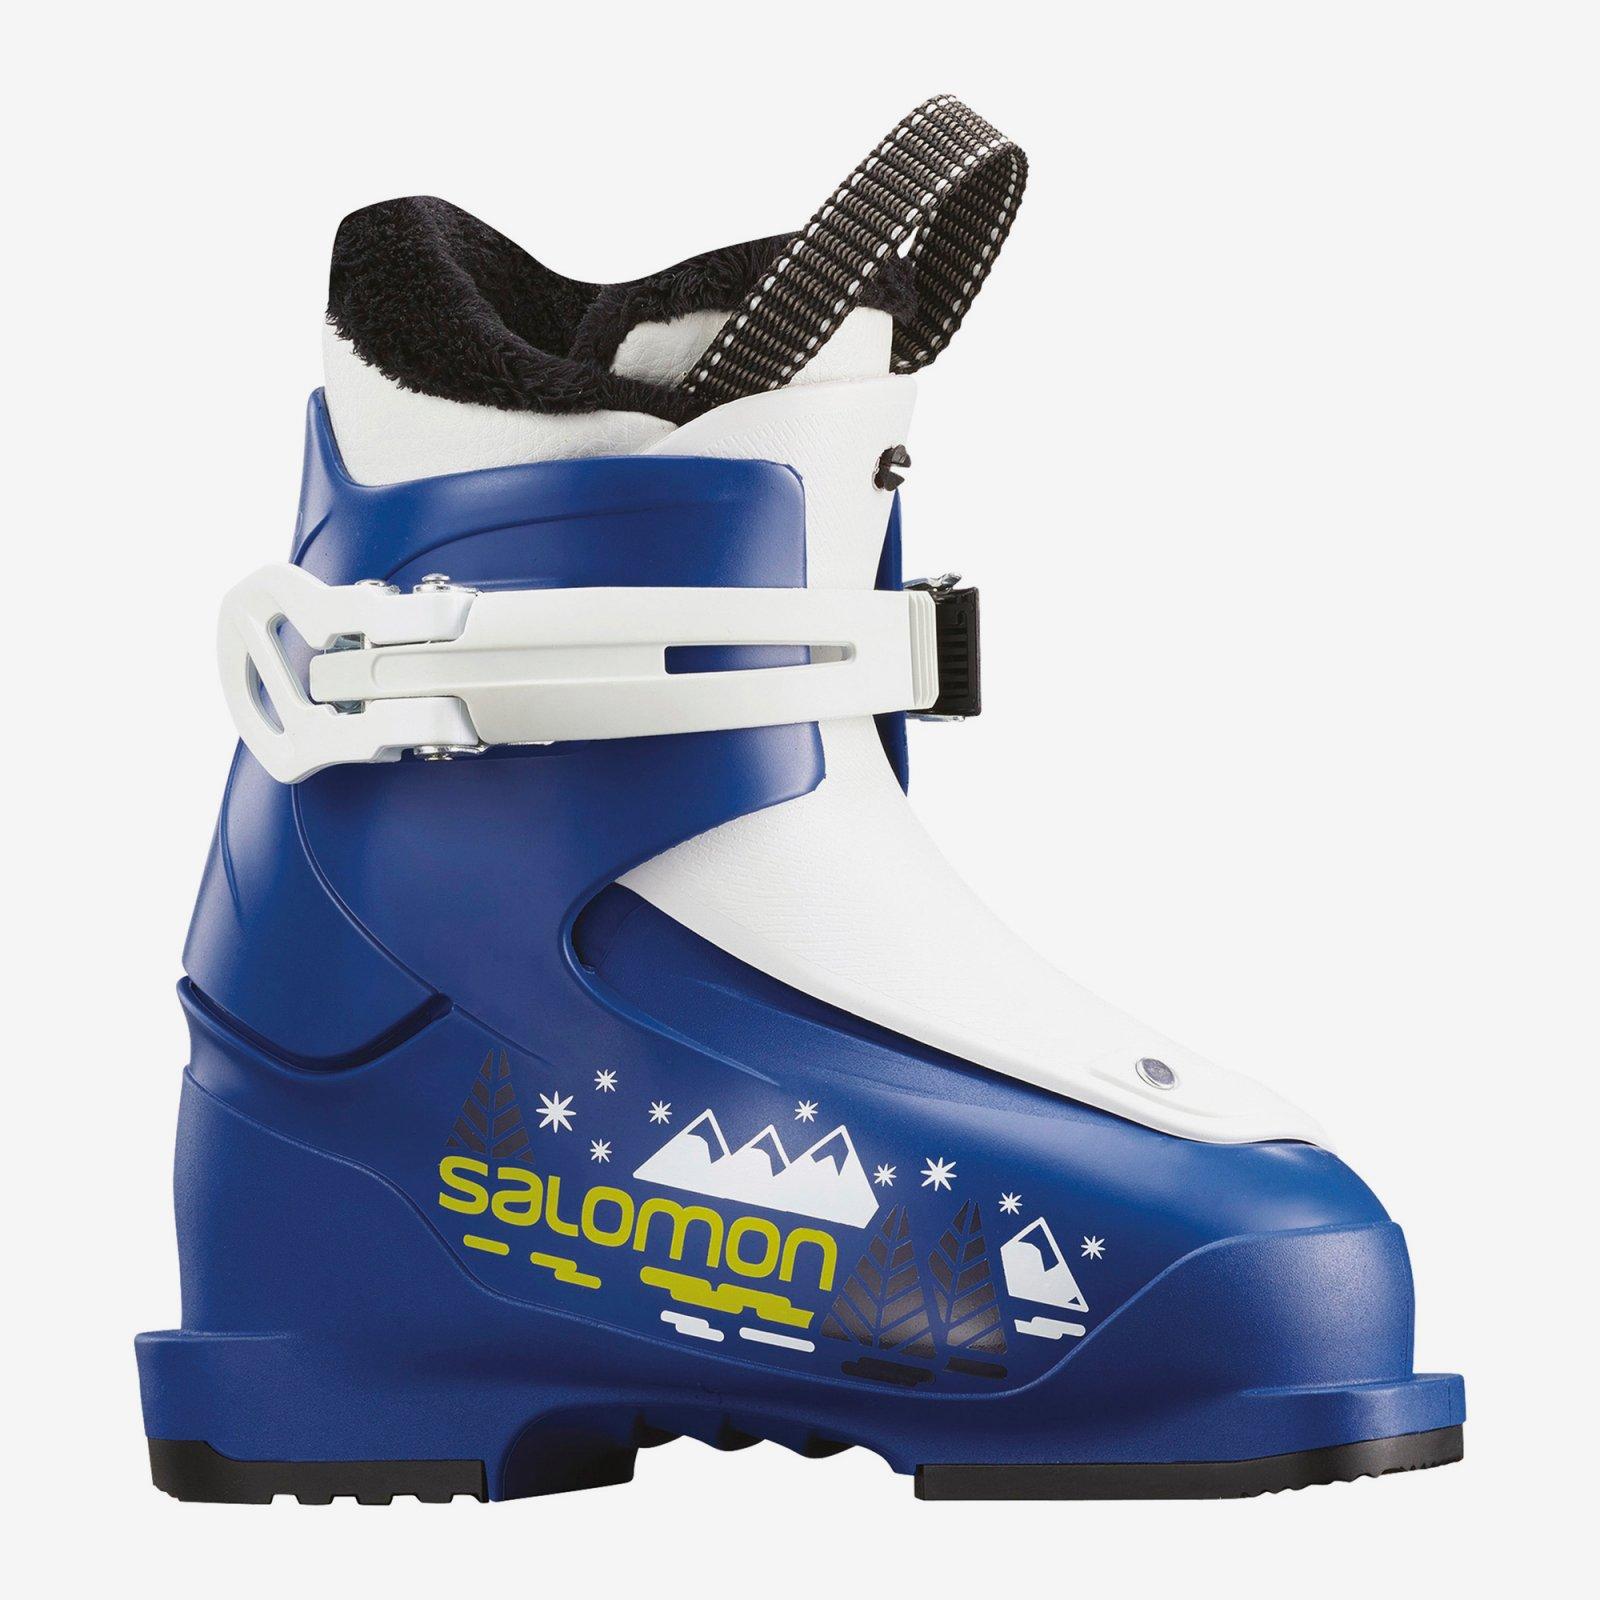 2020 Salomon T1 Junior Ski Boots